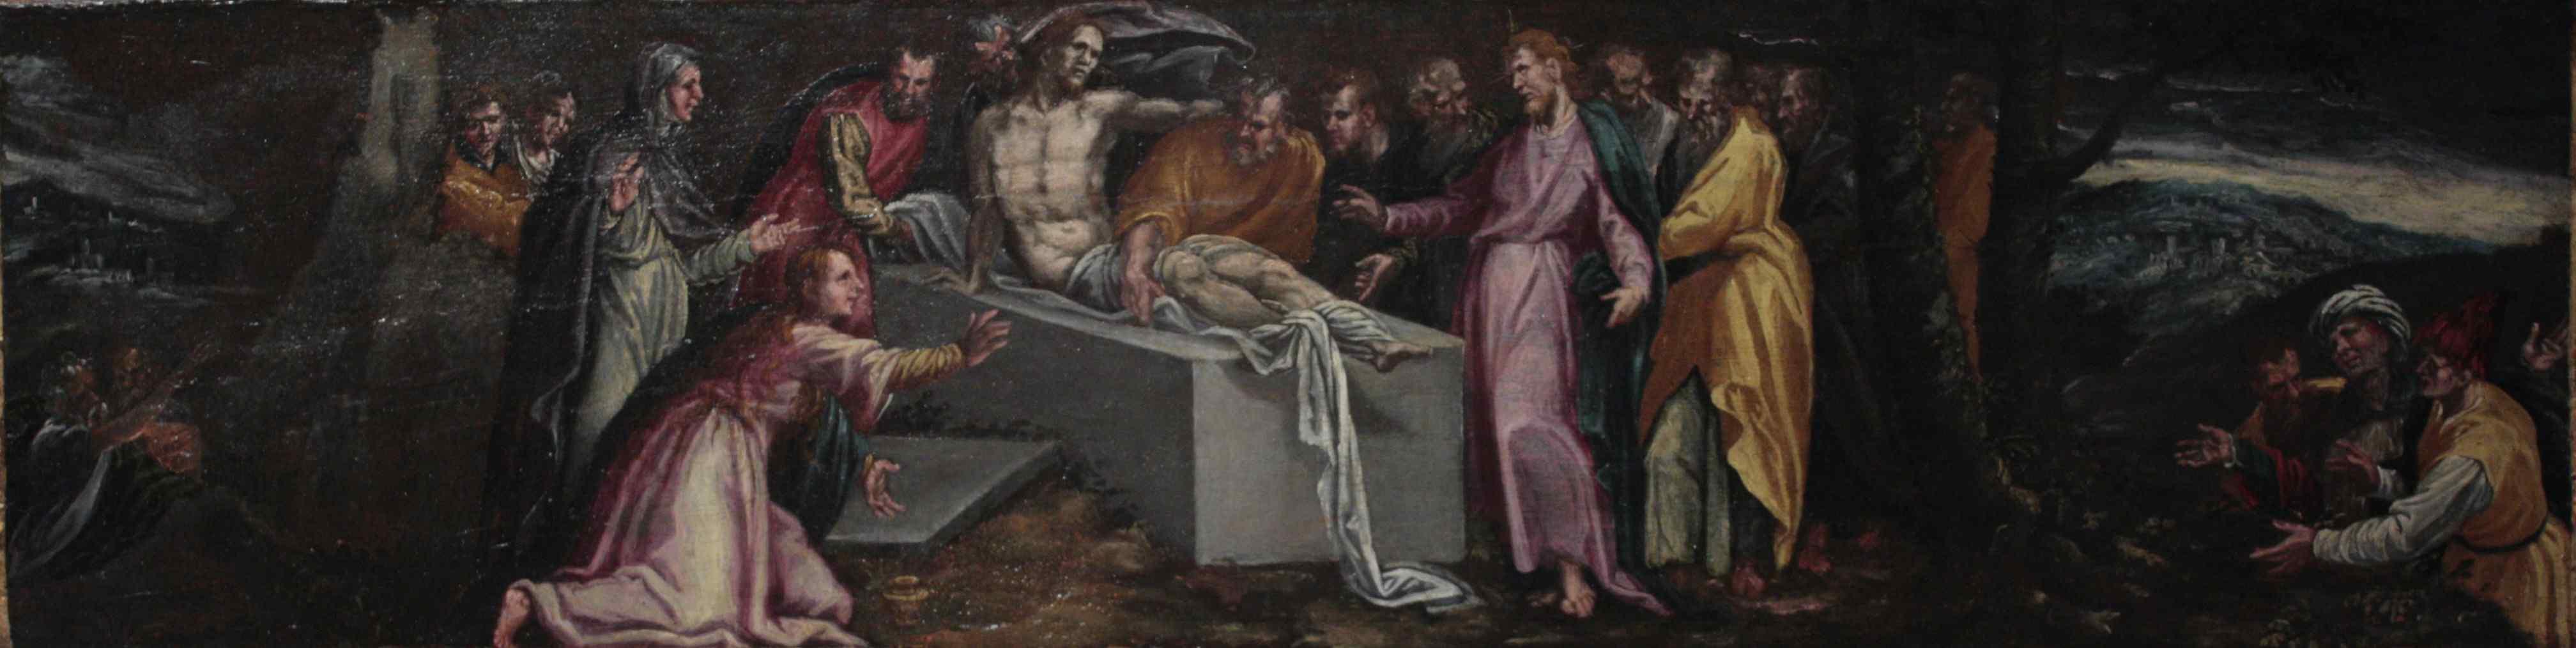 Paolo Fiammingo (Anvers 1540 - Venezia 1596) - Résurrection